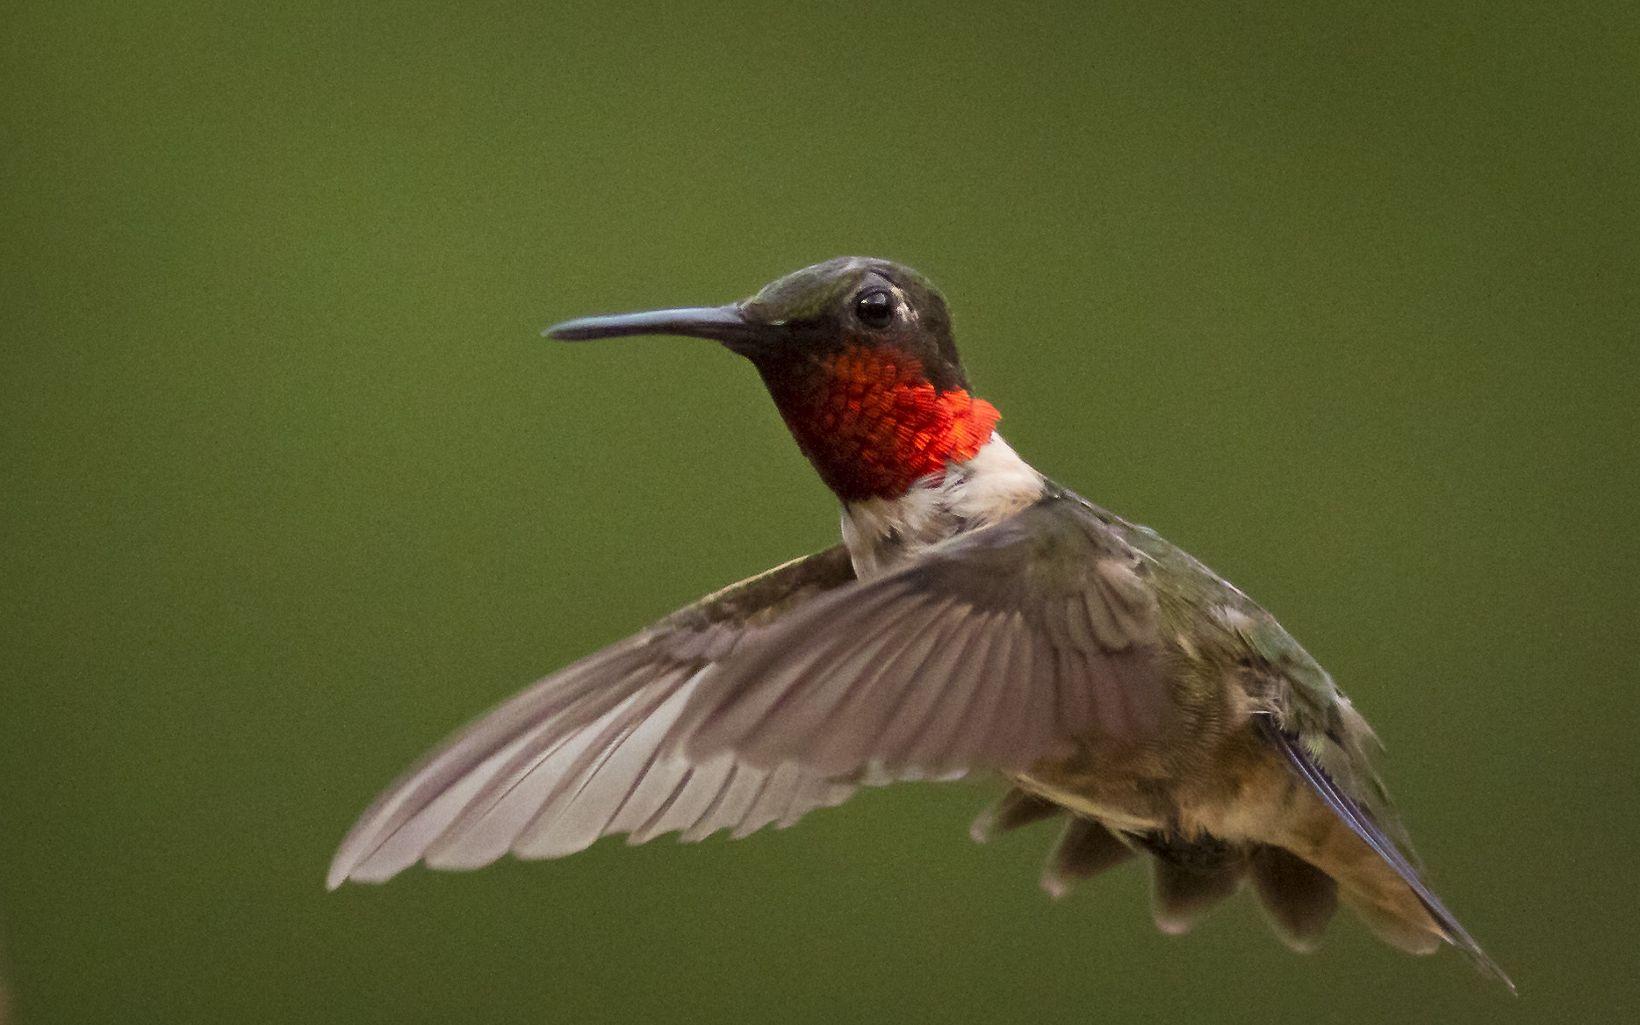 A small hummingbird in flight.